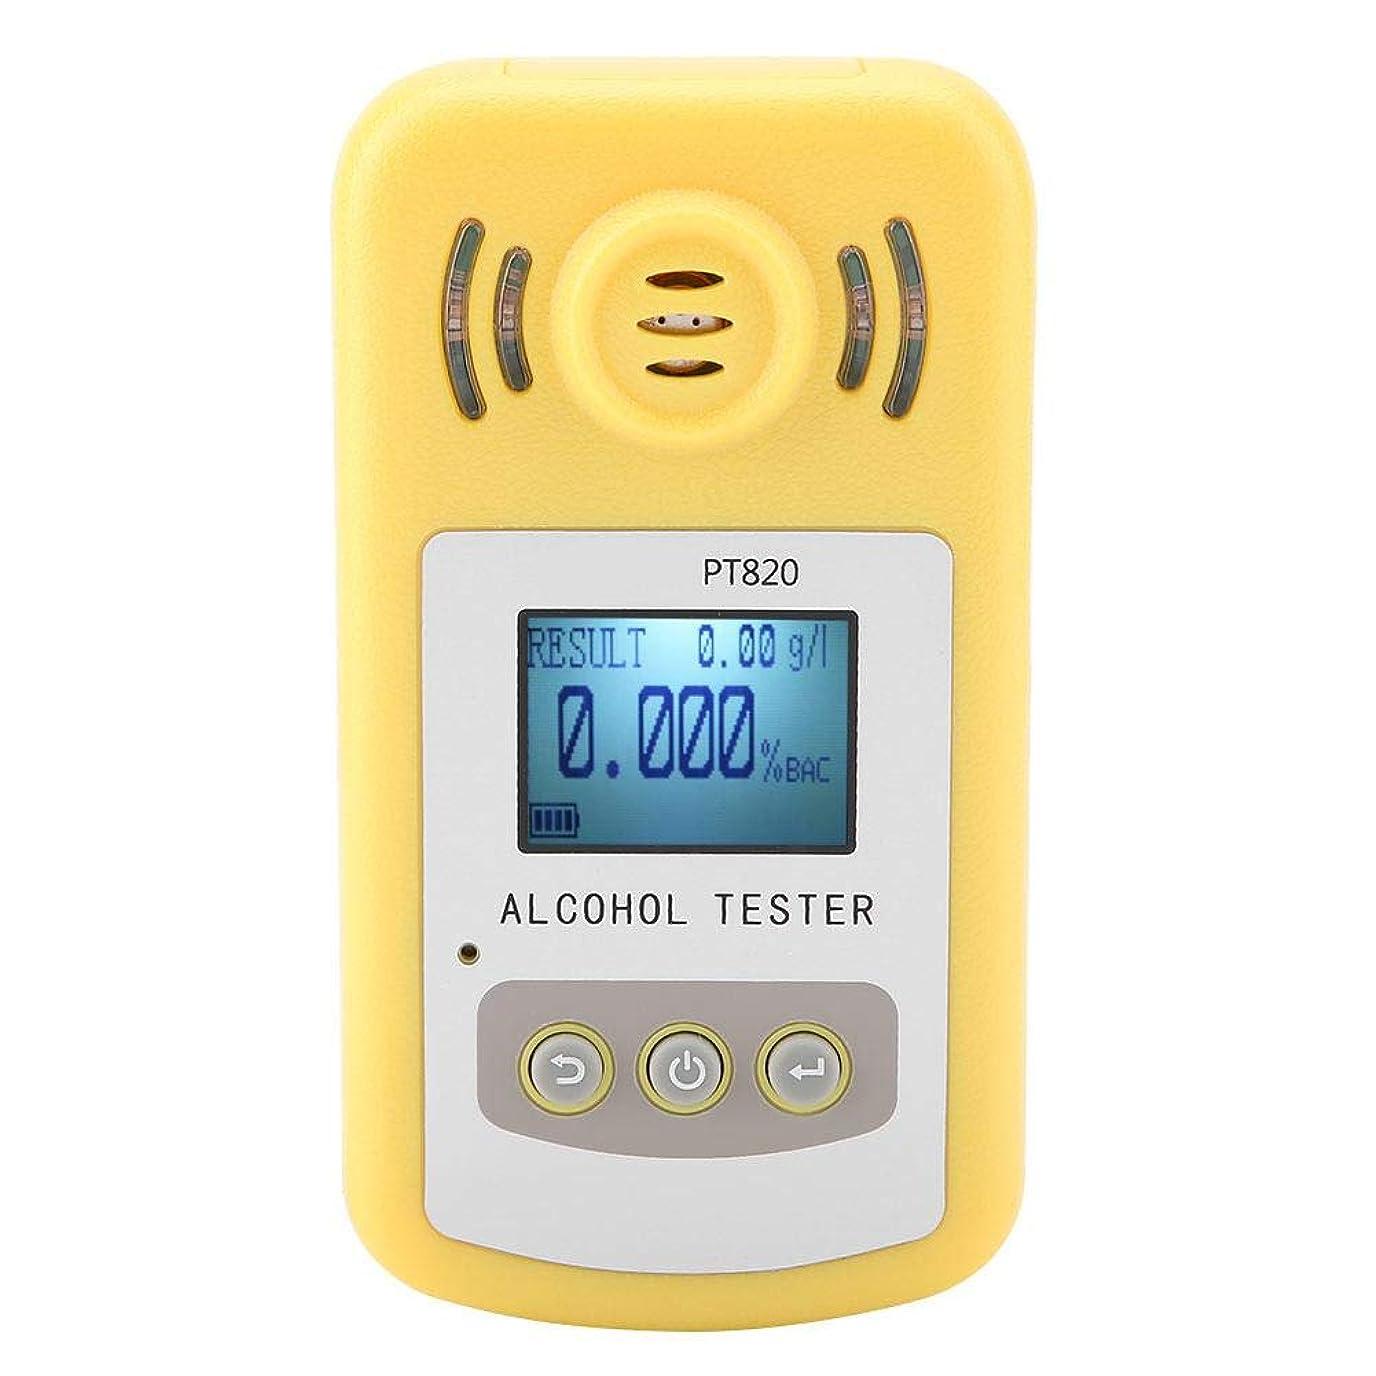 知らせるはっきりしない割り当てアルコール検知器 呼気アルコールチェッカー アルコールテスター 飲酒検知器 ブレスチェッカー テスト範囲0-0.5%BAC 飲酒運転防止 飲み過ぎ防止